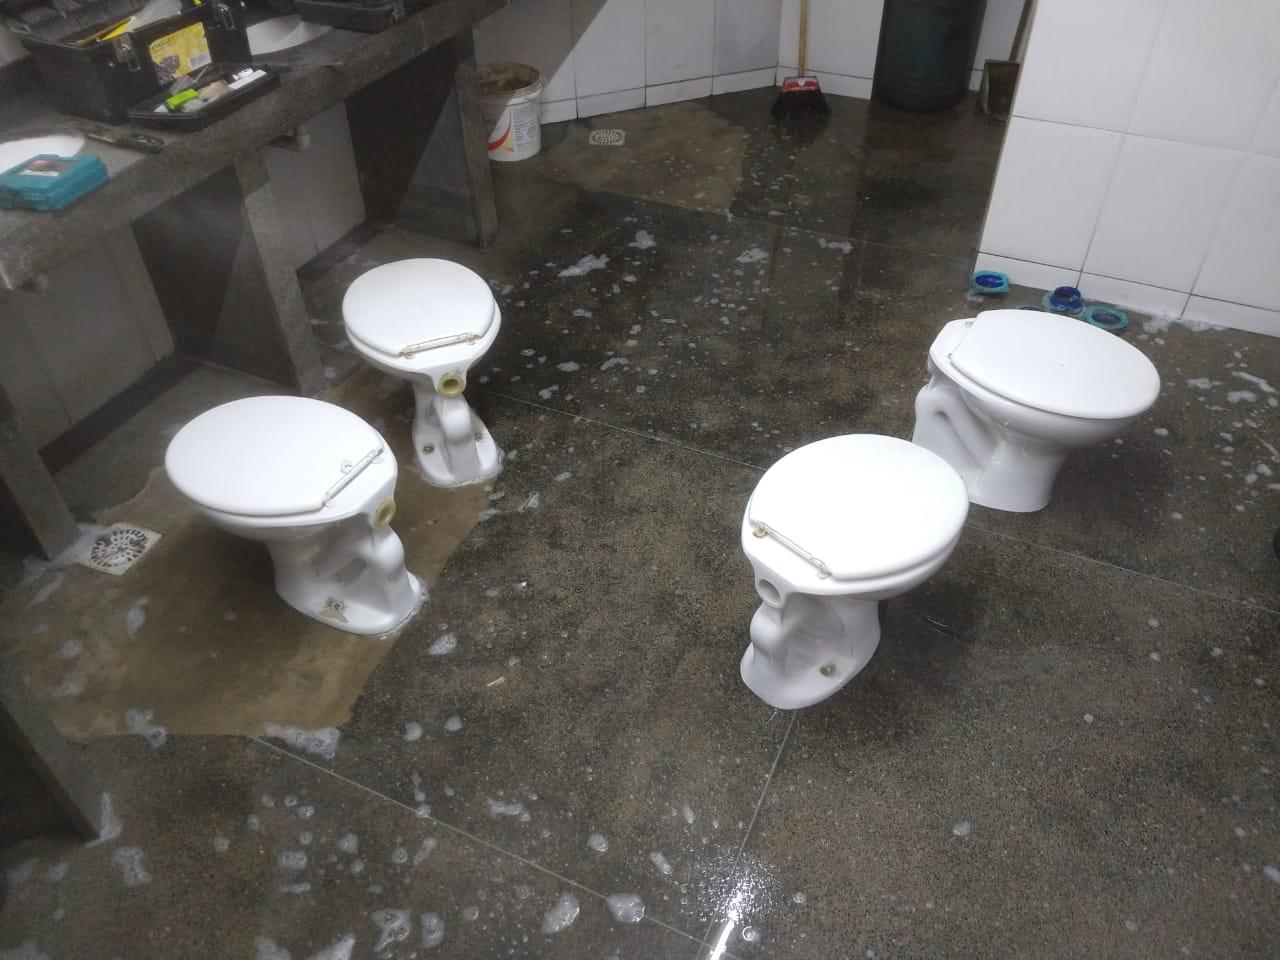 Vasos sanitários tirados de suas instalações (Fotos: Faol)